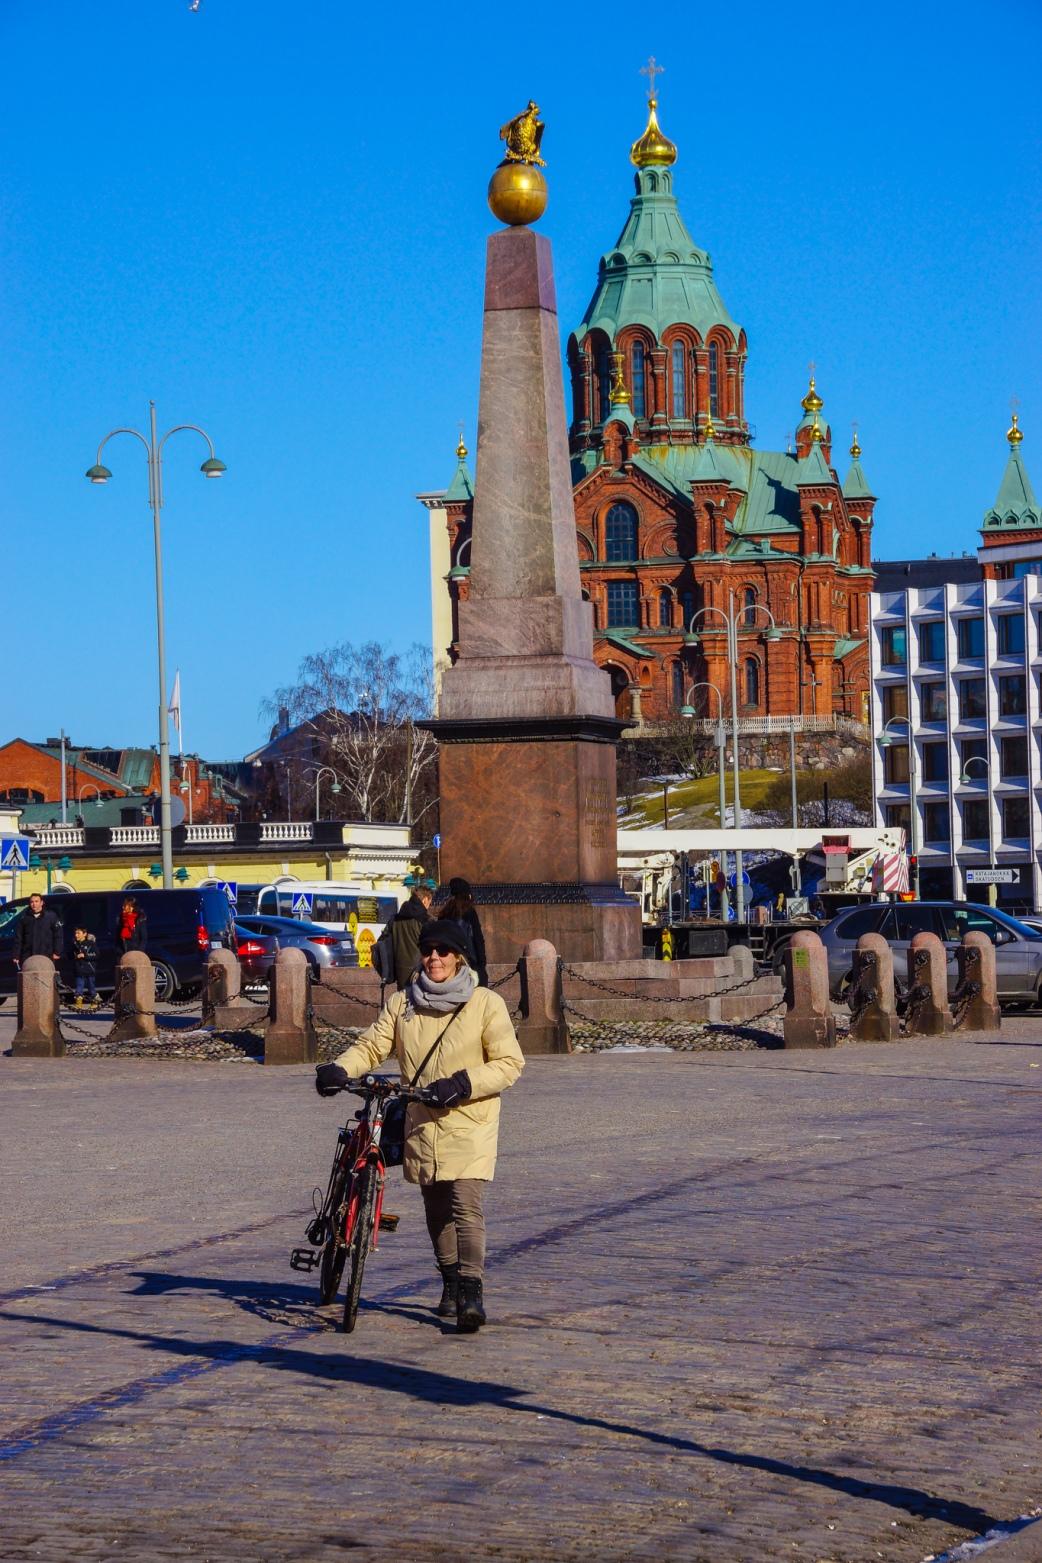 Helsinki in Winter (26 of 27)